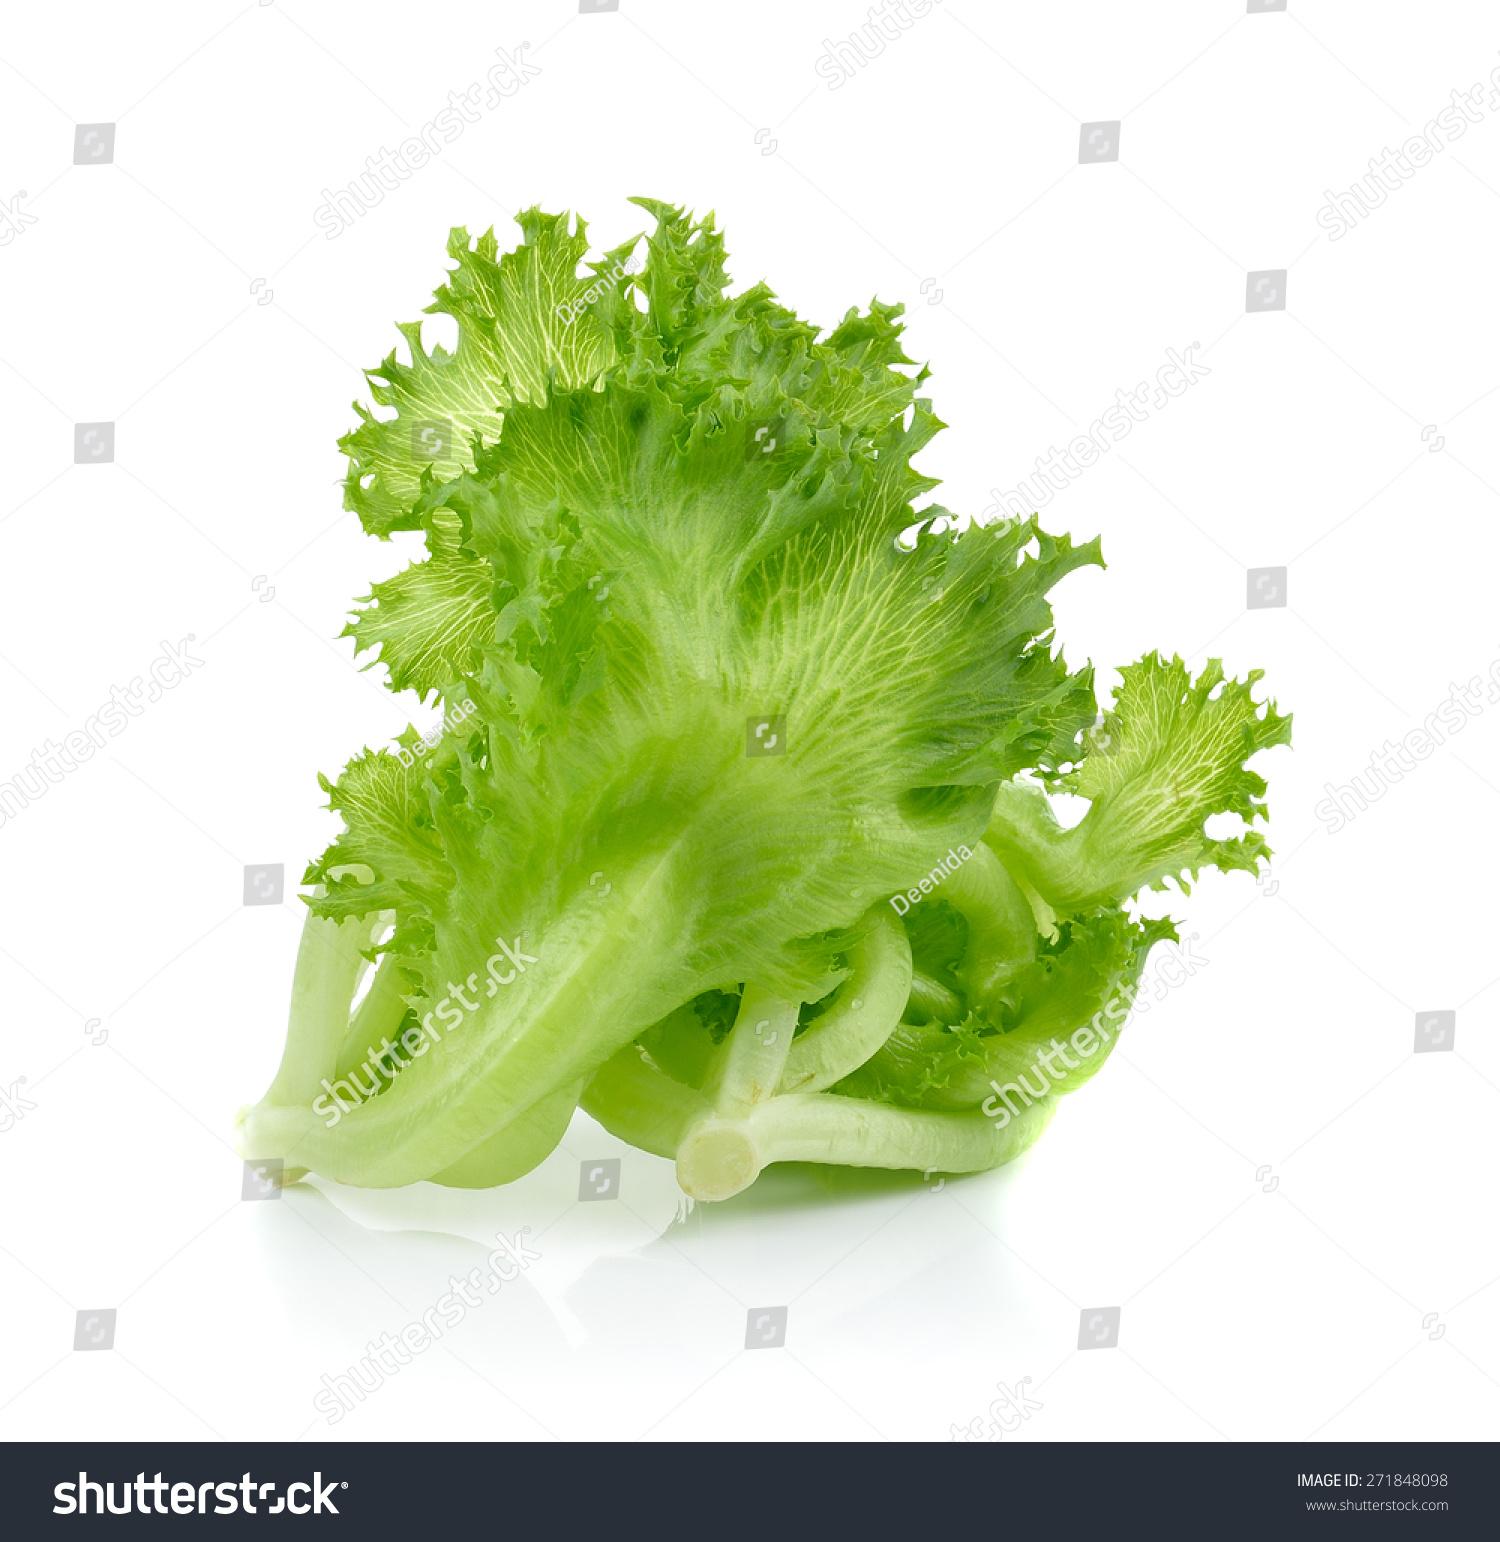 白底绿色生菜-食品及饮料,自然-海洛创意(hellorf)--.